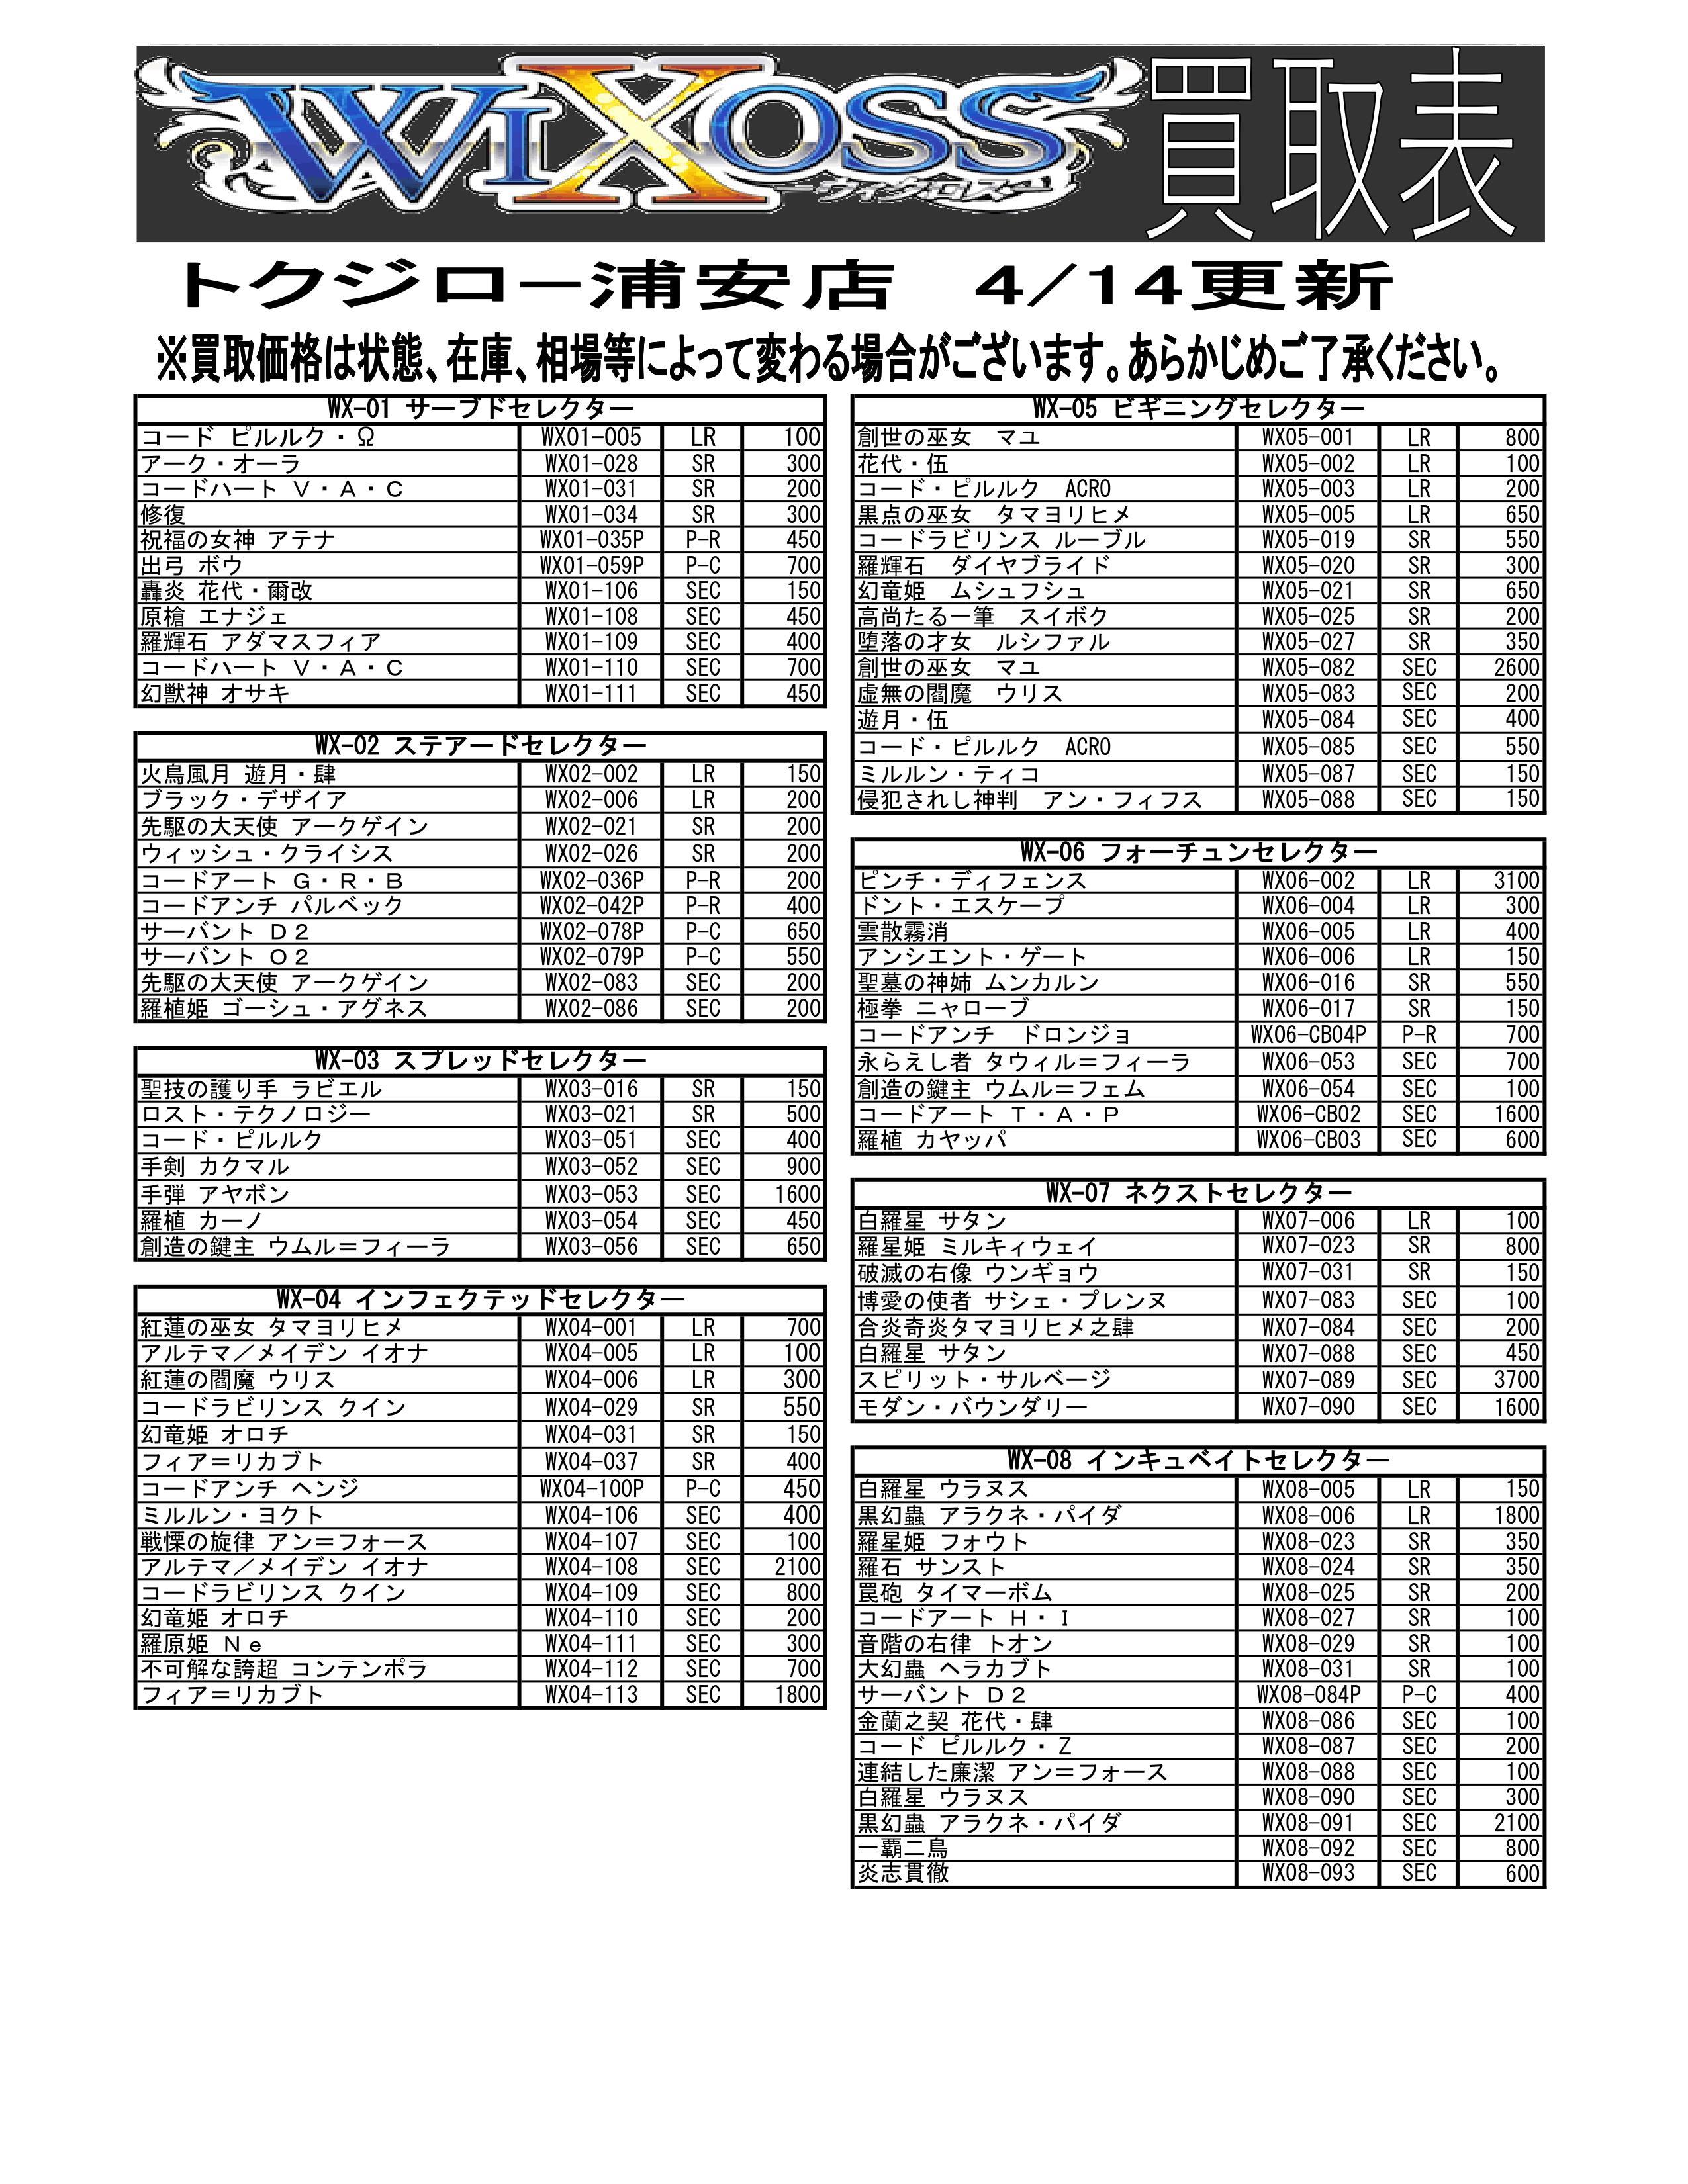 ウィクロス買取表2 (2)